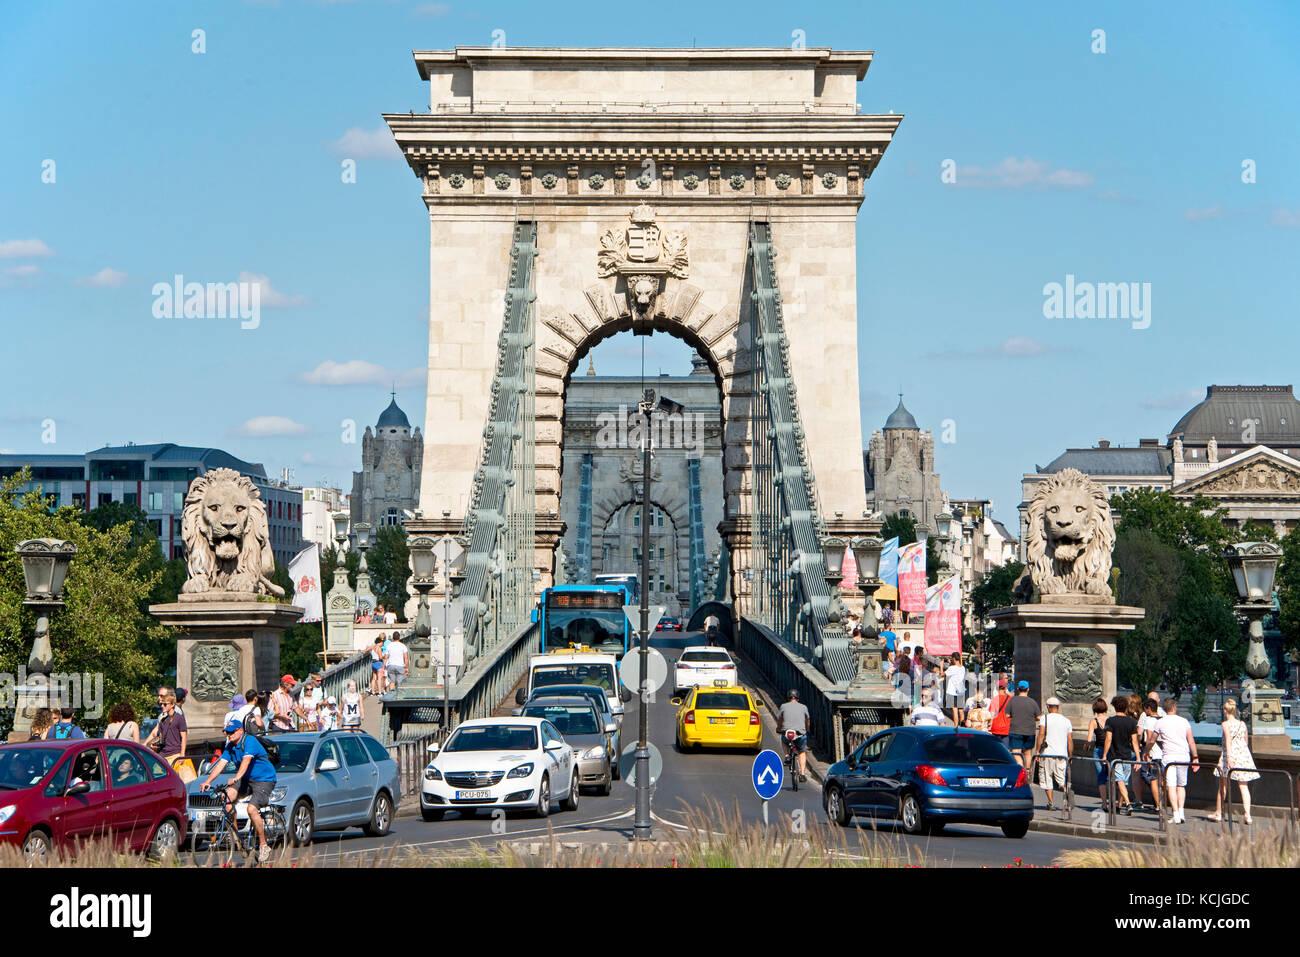 Von der Budaer Seite von Budapest eine komprimierte Perspektivische Ansicht von Touristen, Verkehr, Autos, Fahrzeuge, Stockbild